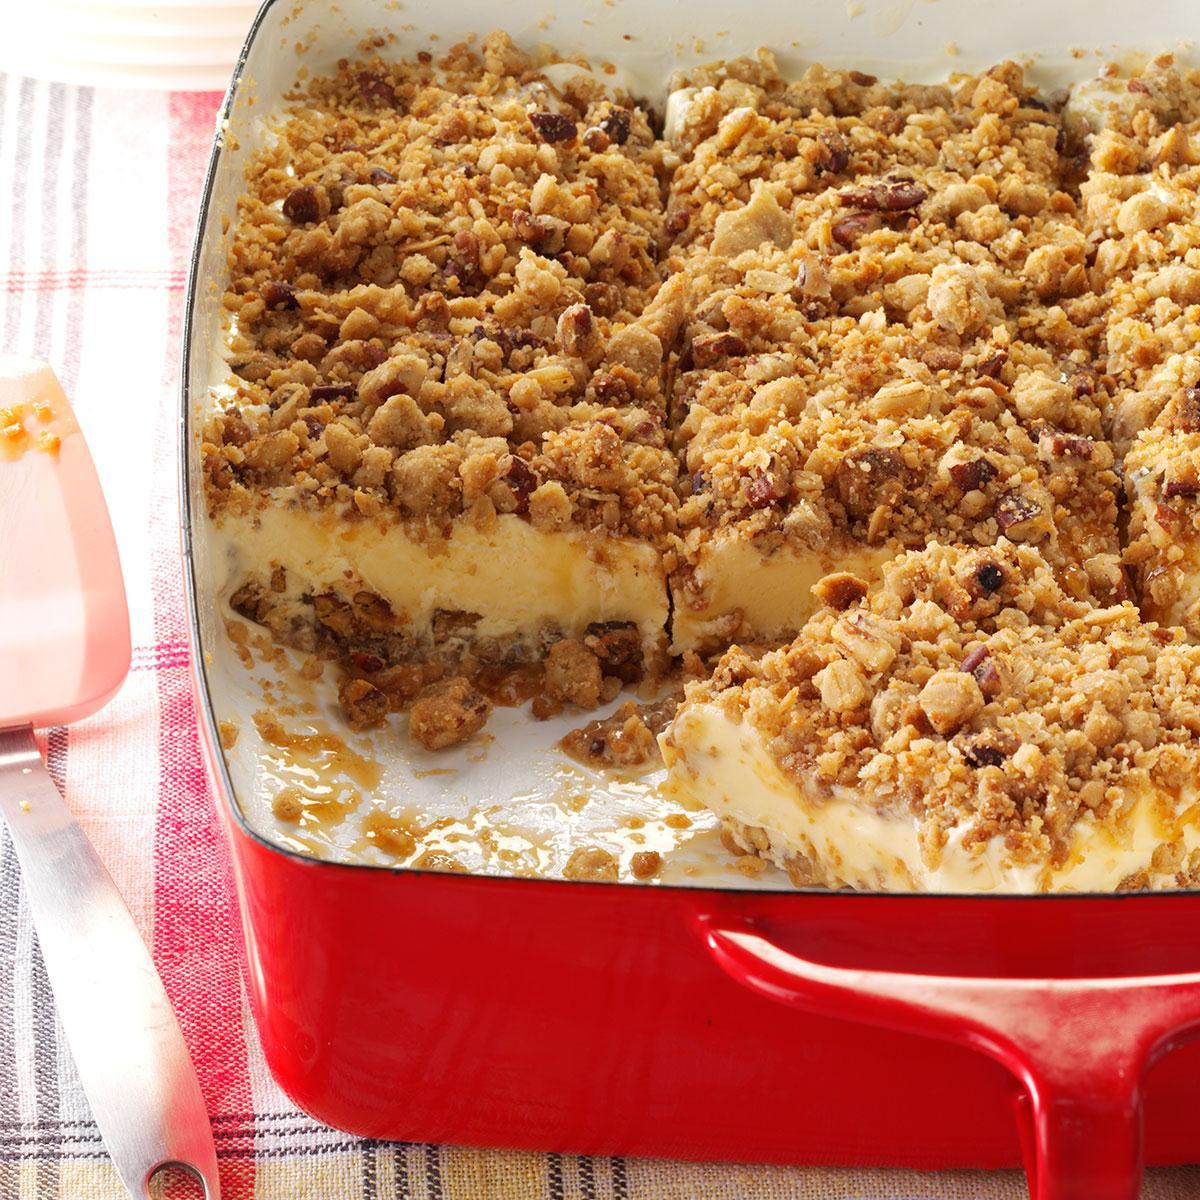 Taste Of Homes Desserts  Caramel Pecan Ice Cream Dessert Recipe